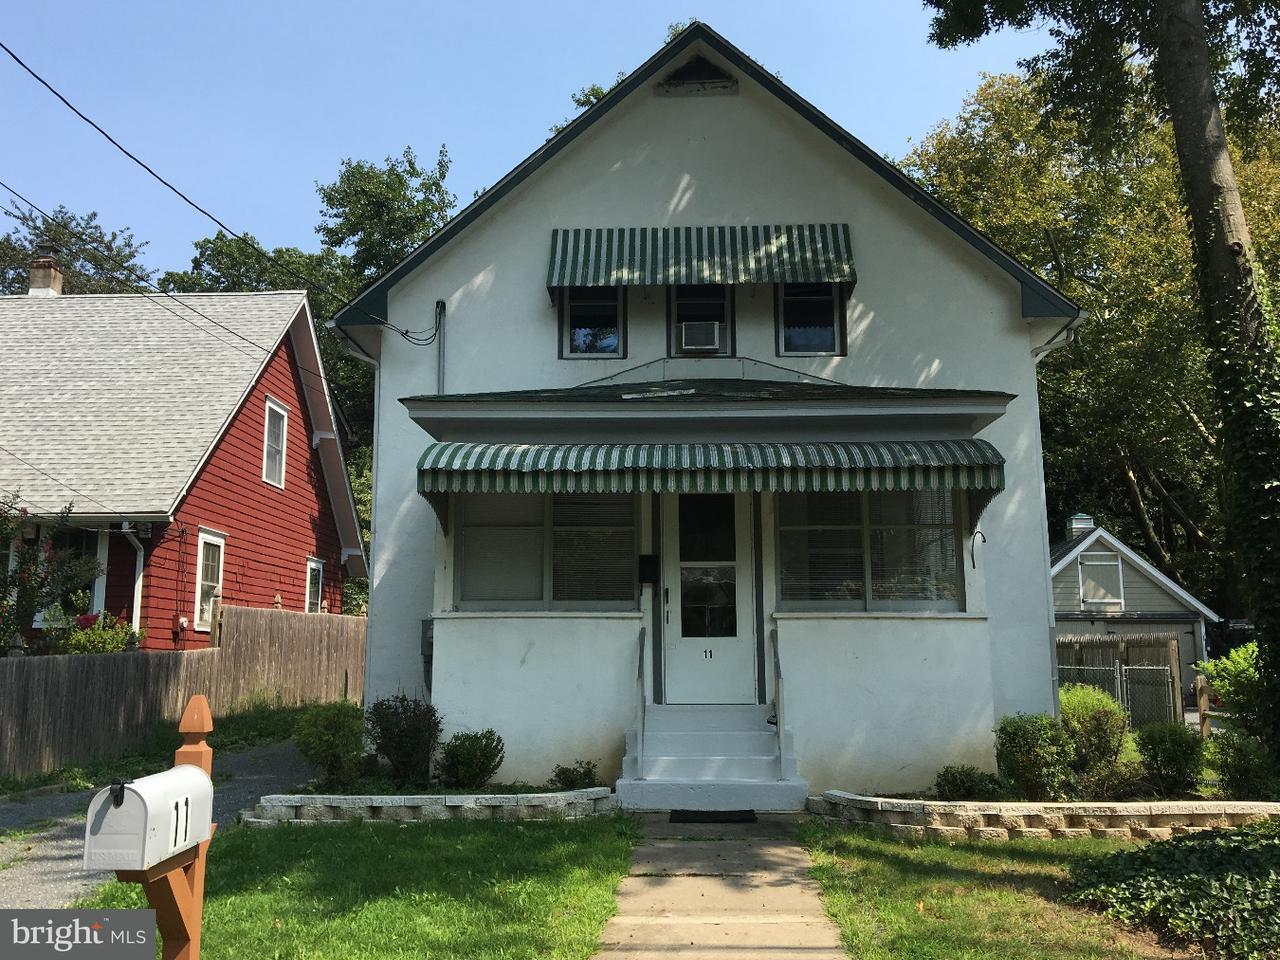 Частный односемейный дом для того Аренда на 11 BERRIEN Avenue Princeton Junction, Нью-Джерси 08550 Соединенные ШтатыВ/Около: W Windsor Township